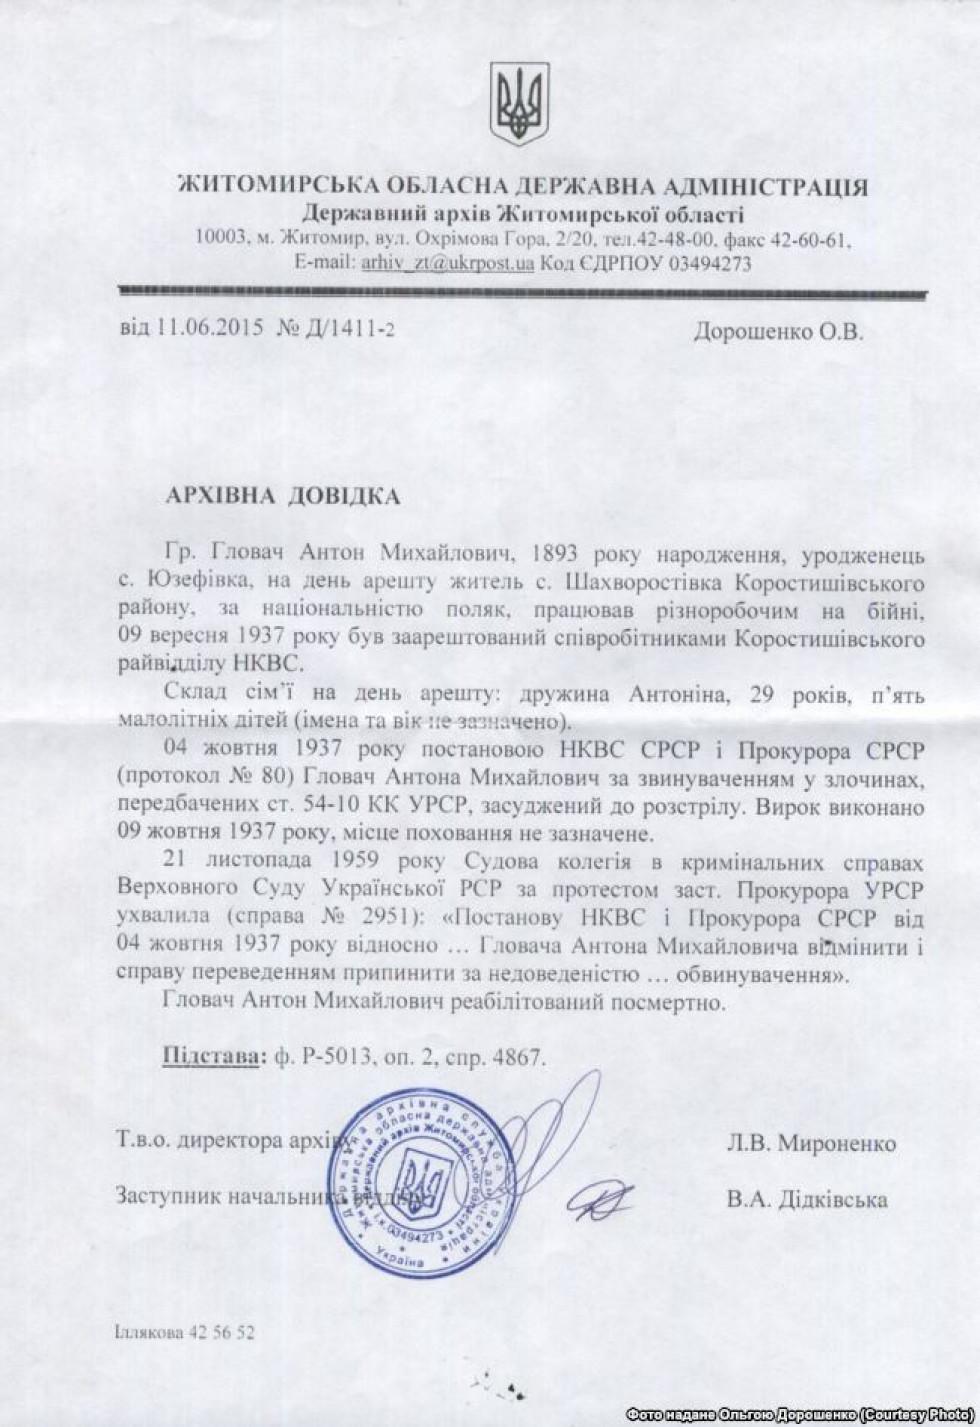 Архівна довідка Державного архіву Житомирської області щодо справи Антона Ґловача